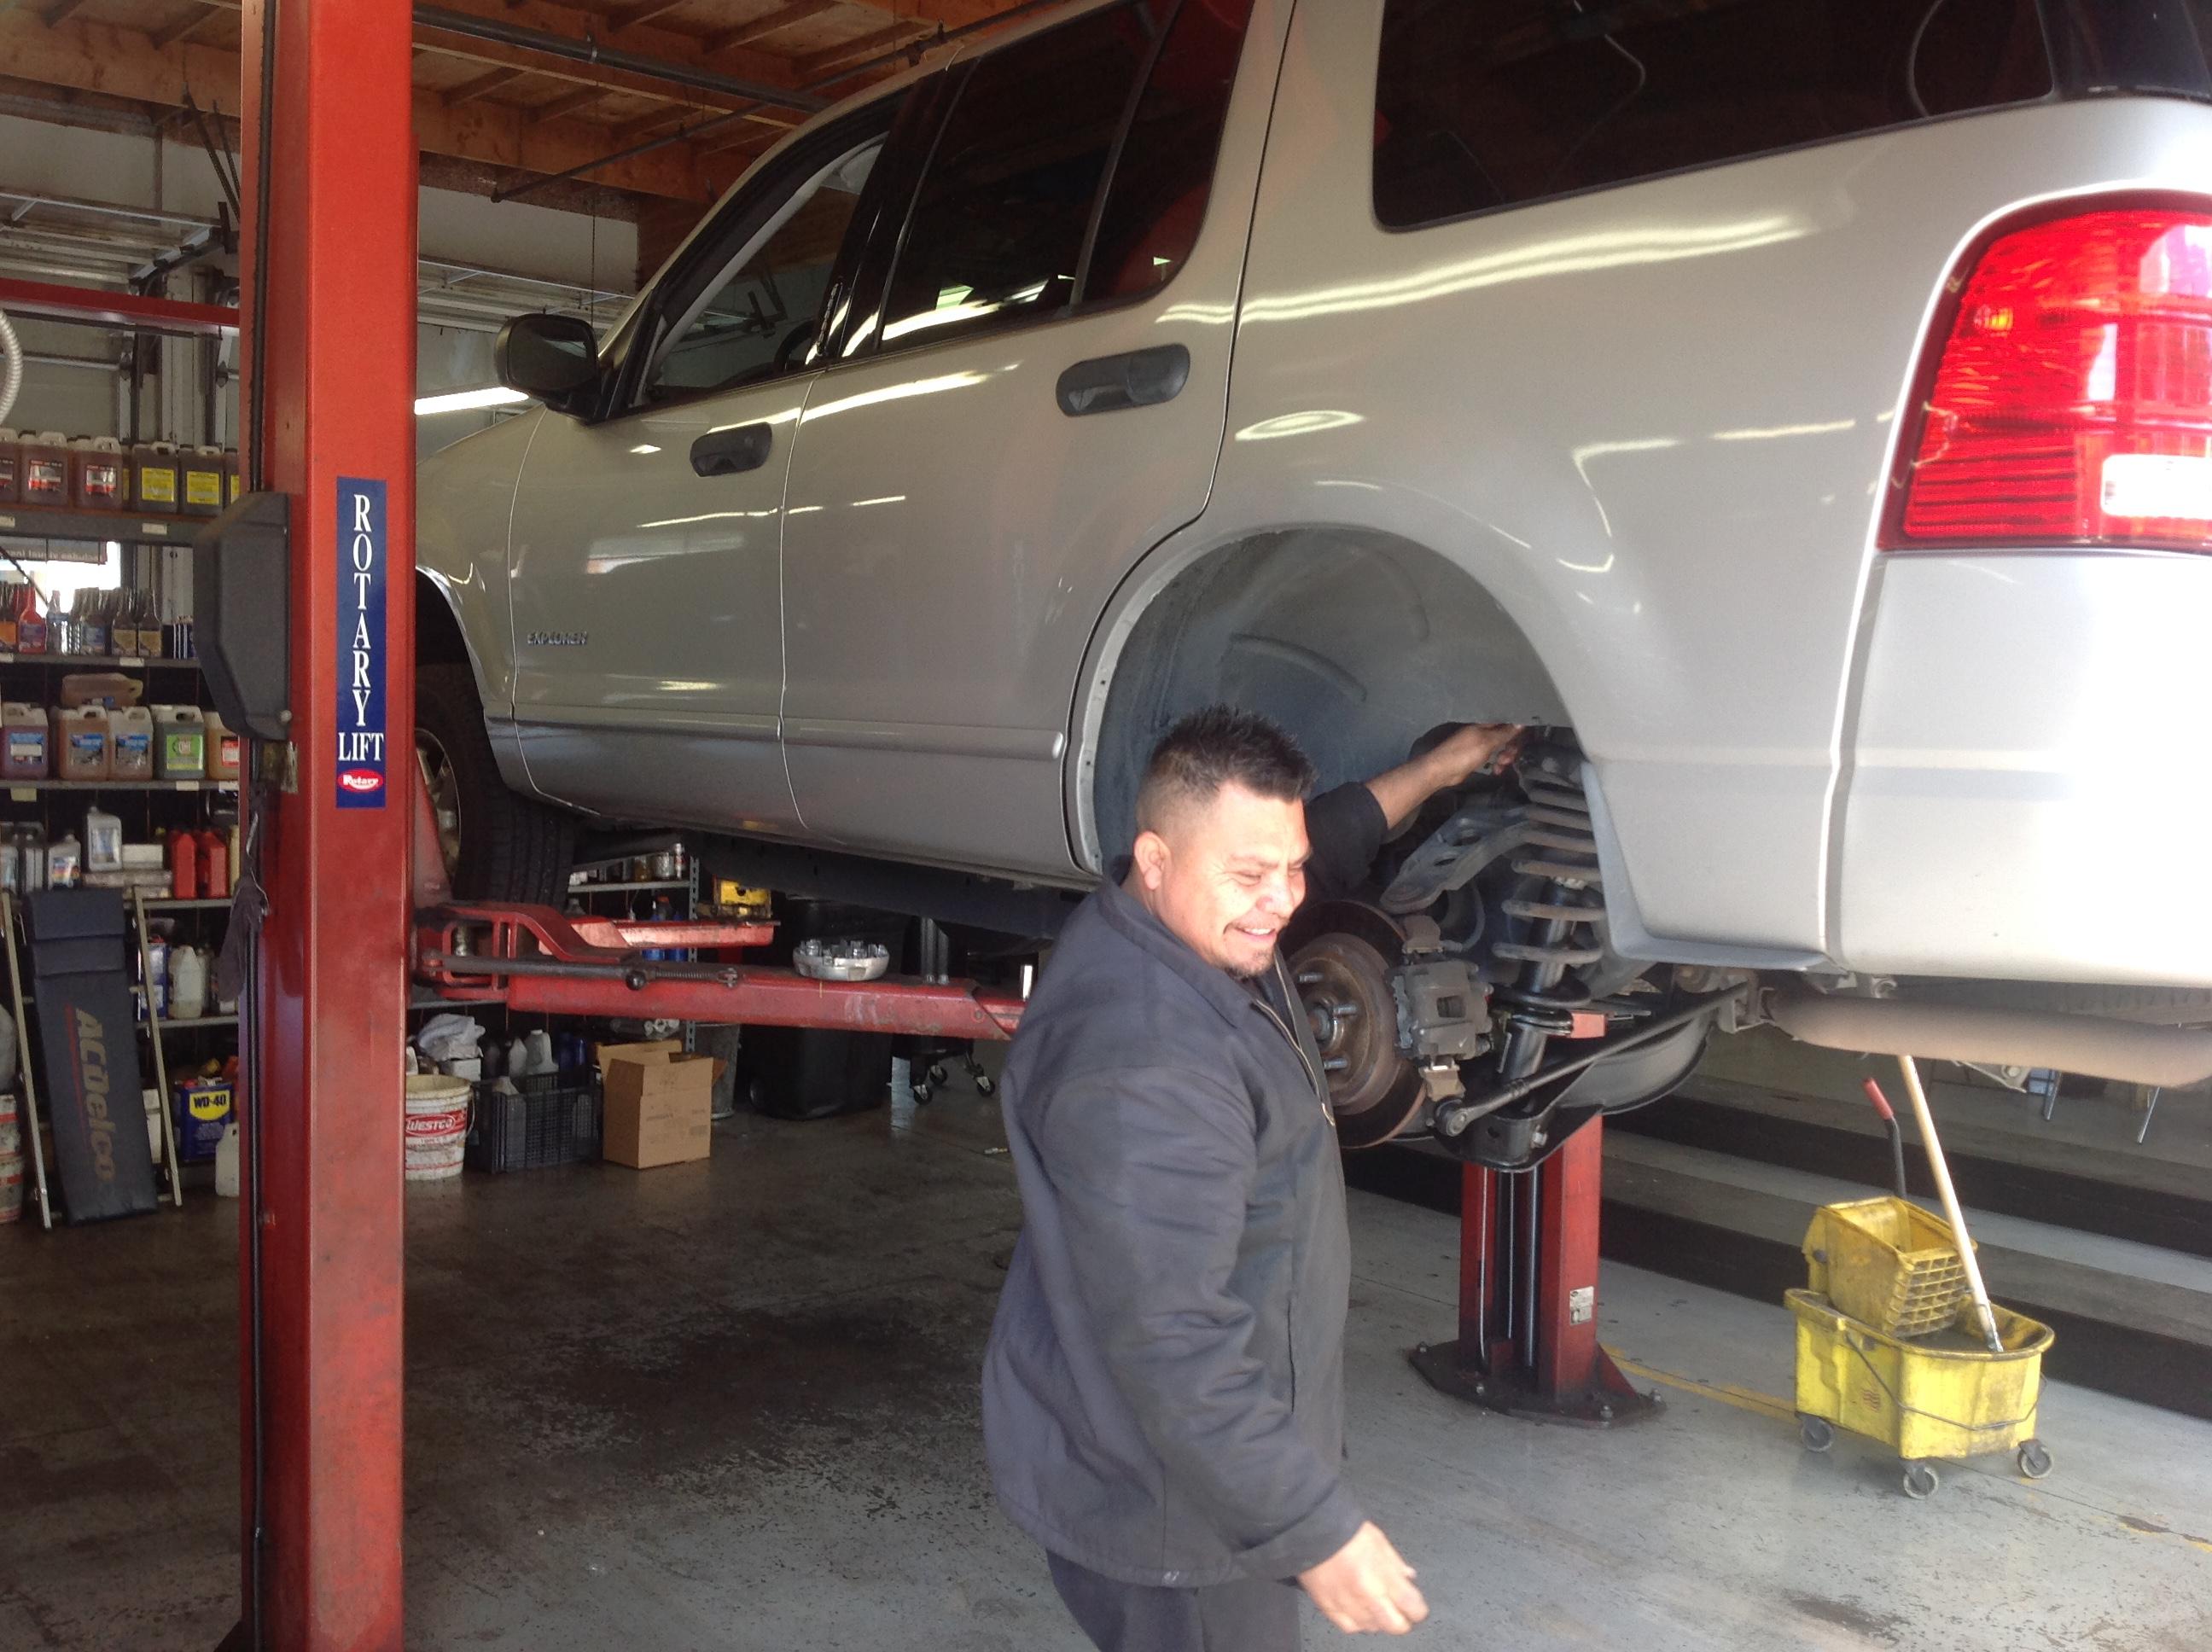 Mission Auto Service 27802 Aliso Creek Rd Ste D120, Aliso Viejo, CA 92656 -  YP.com